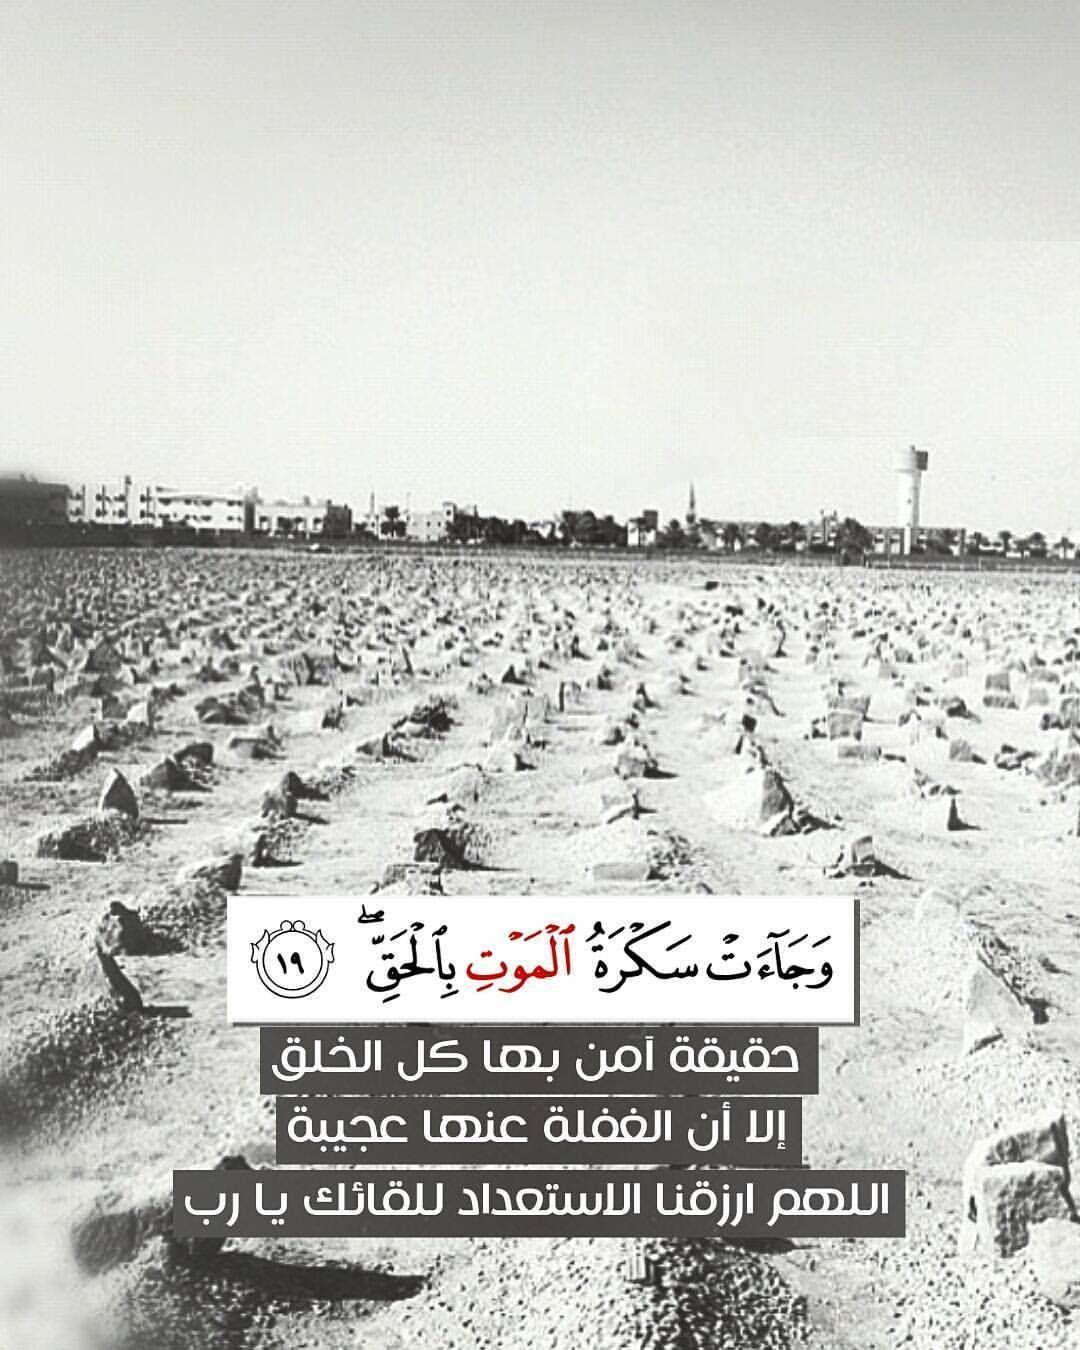 وجاءت سكرت الموت بالحق حقيقة آمن بها كل الخلق إلا أن الغفلة عنها عجيبة اللهم ارزقنا الاستعداد للقائك ي Quran Quotes Love Islamic Quotes Quran Quran Verses